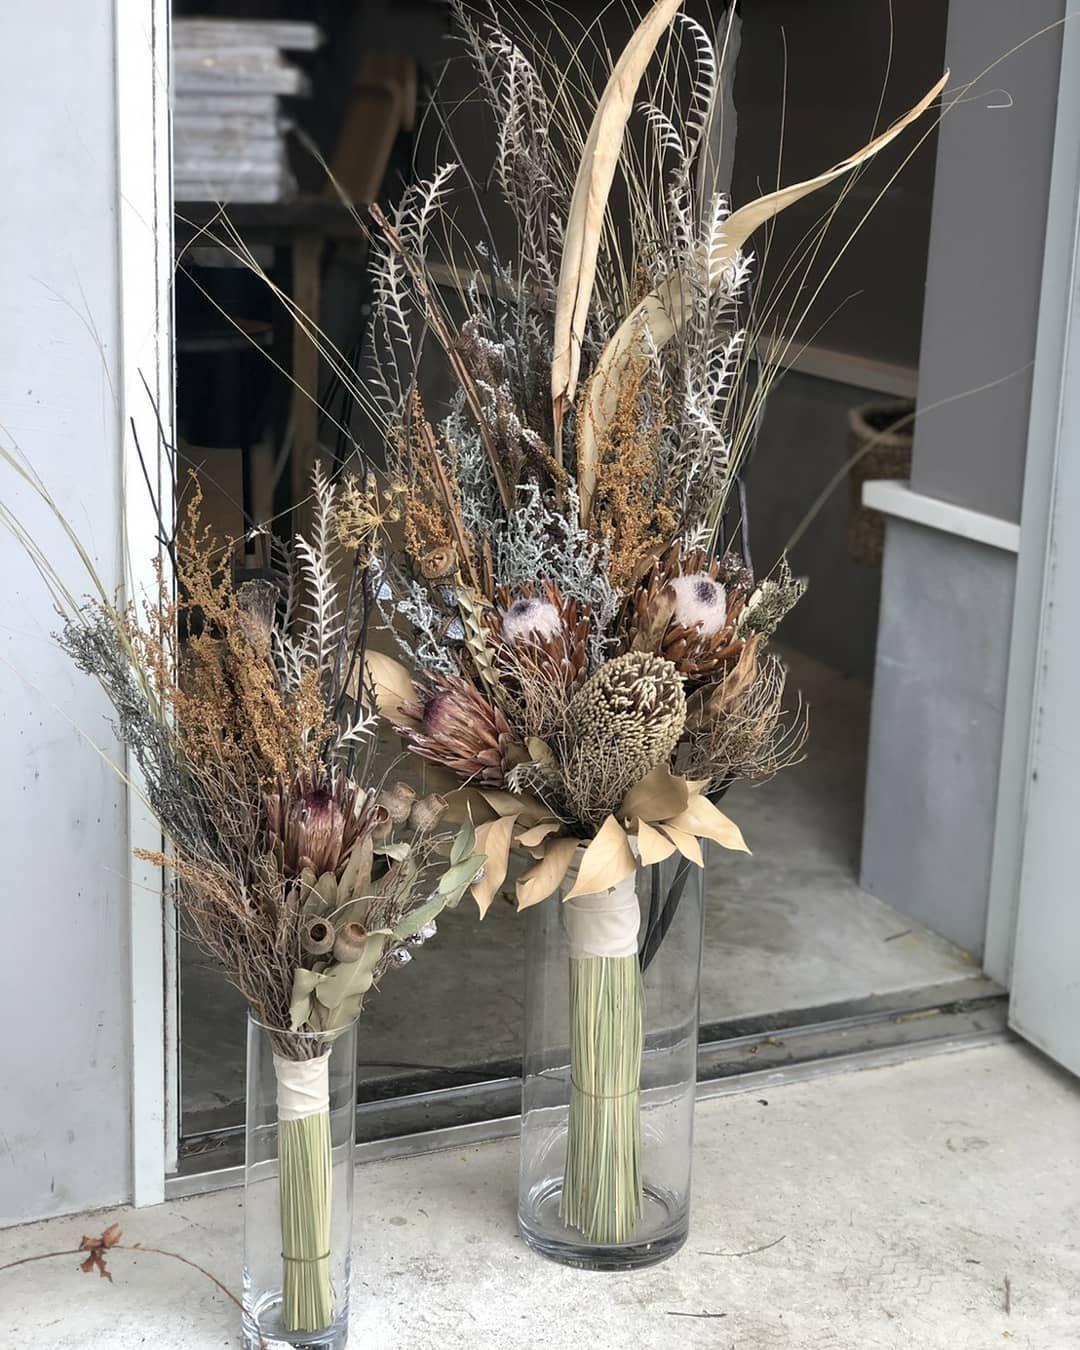 ドライフラワーbouquet 玄関ディスプレイ用に 花瓶に合わせて束ねました 男前 Hanaya Tutahituji 花や蔦ひつじ 束ねる Bouquet ドライフラワー ド Dried Flower Arrangements Dried Flower Bouquet Flower Display